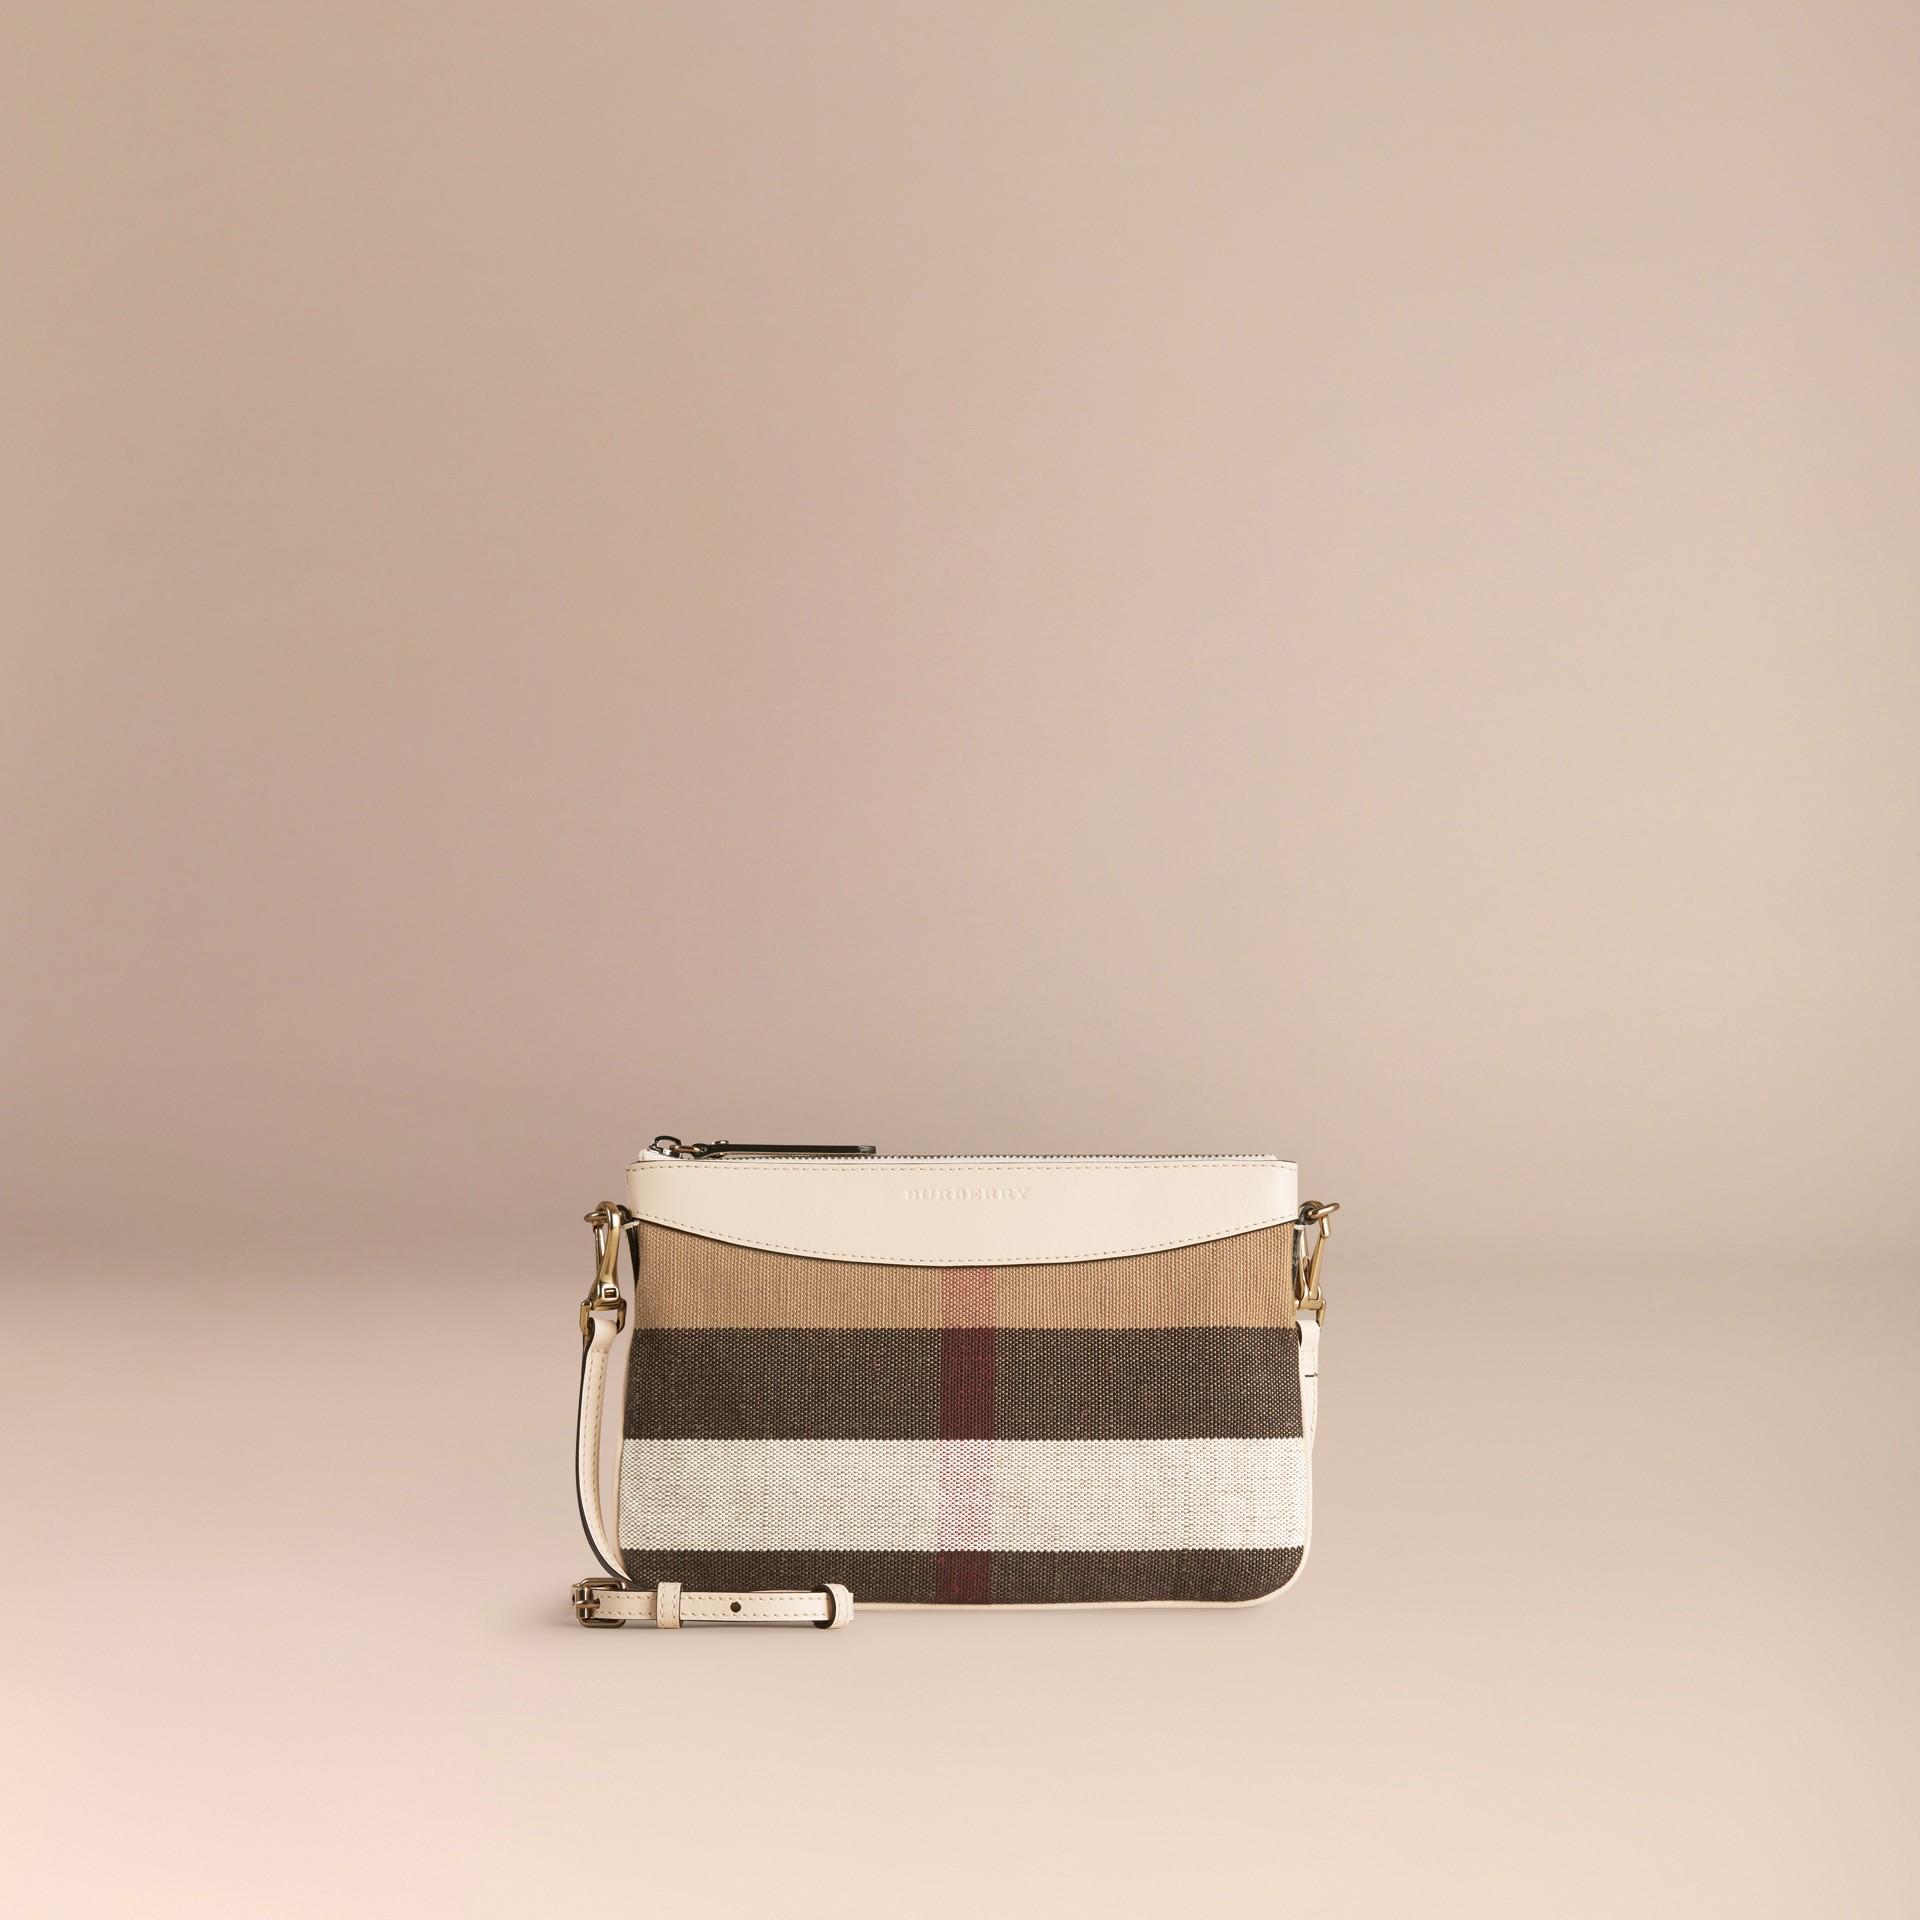 Branco Bolsa clutch de couro com padrão Canvas check - galeria de imagens 6